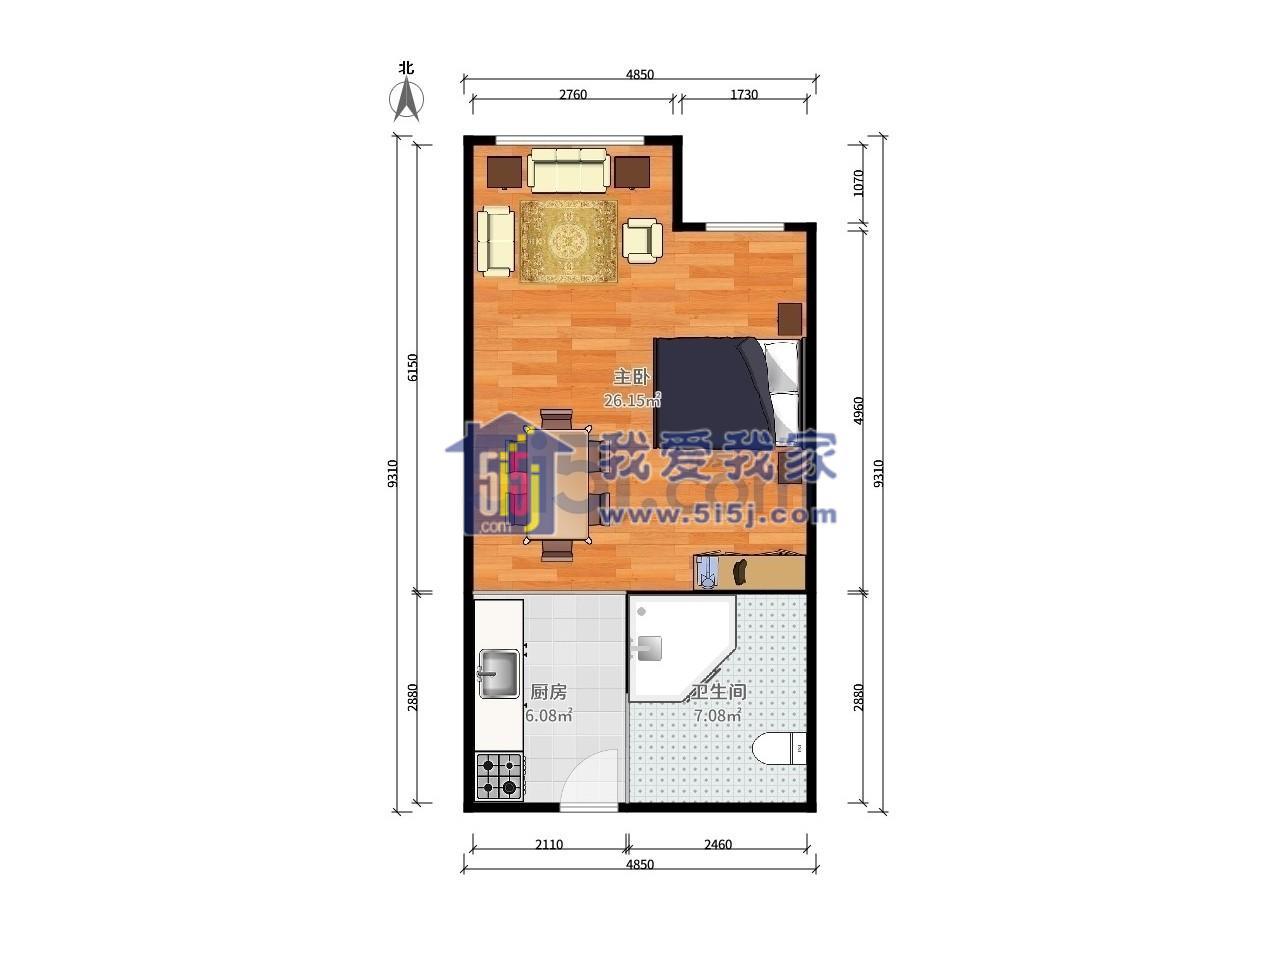 玄武区长江路凯润金城1室1厅户型图